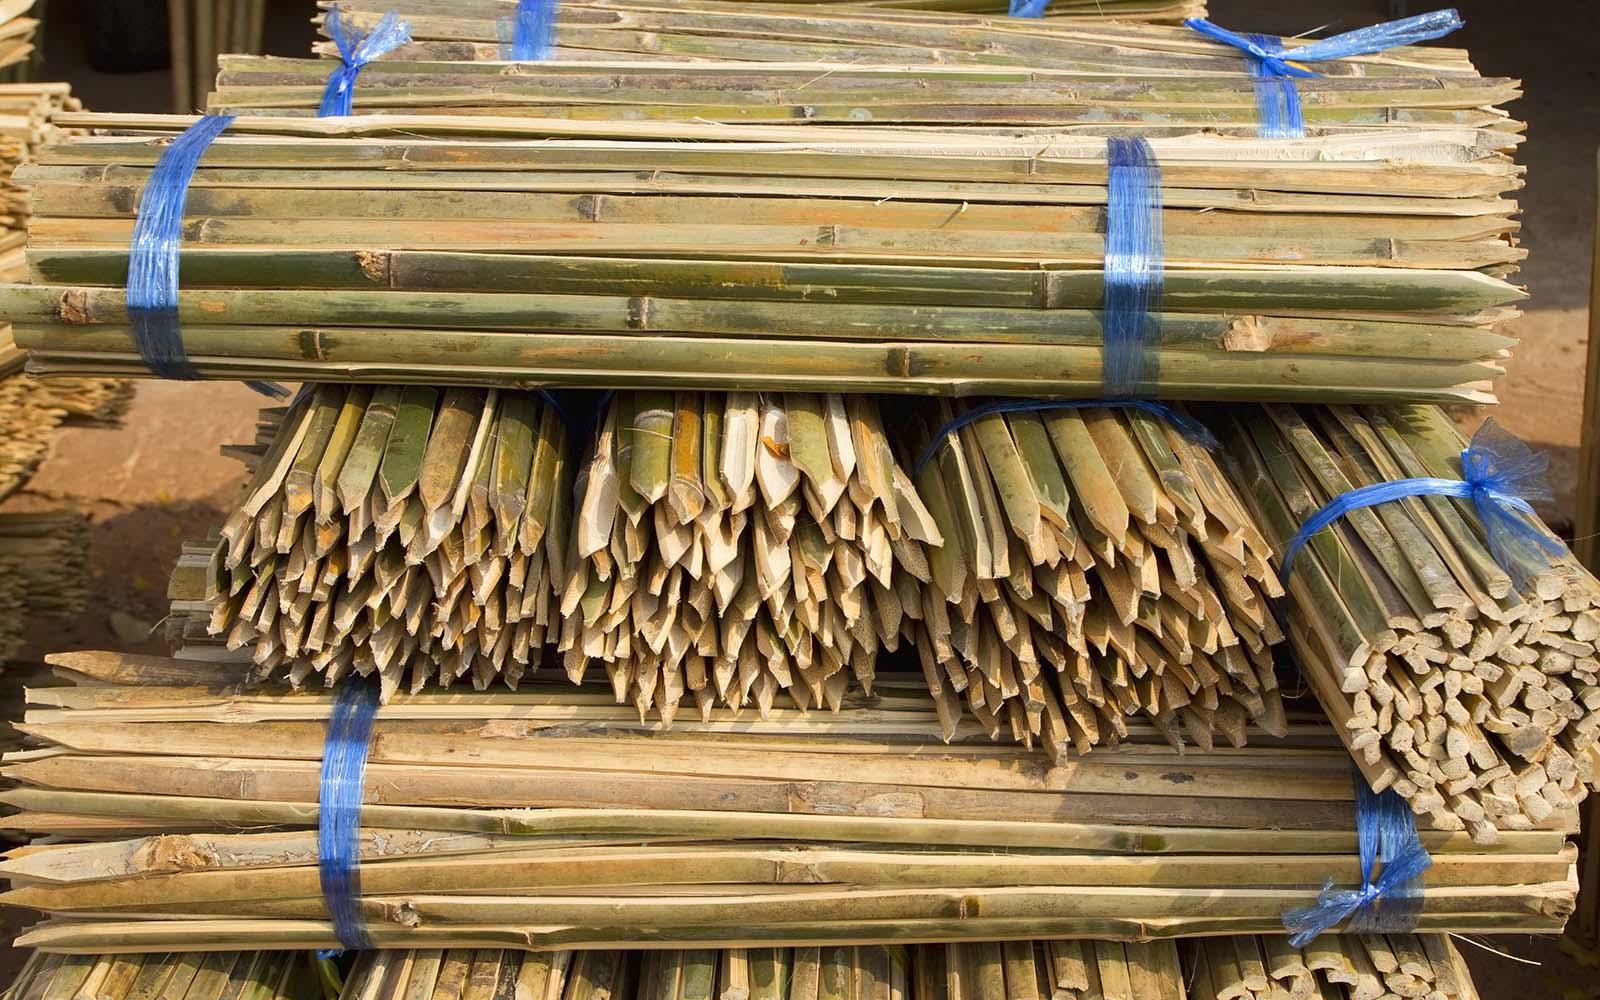 dei bastoni di legno